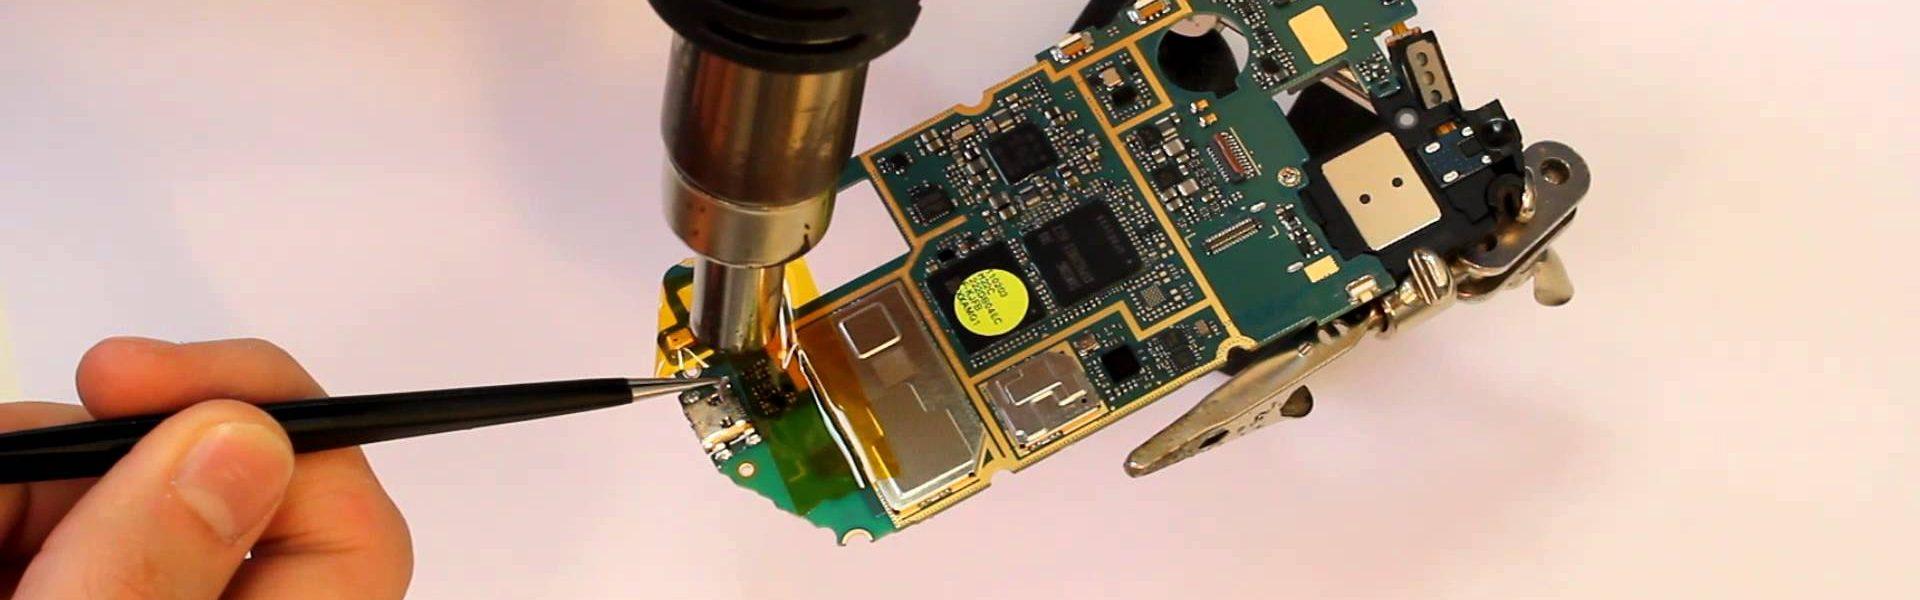 iParts and Phone Repair